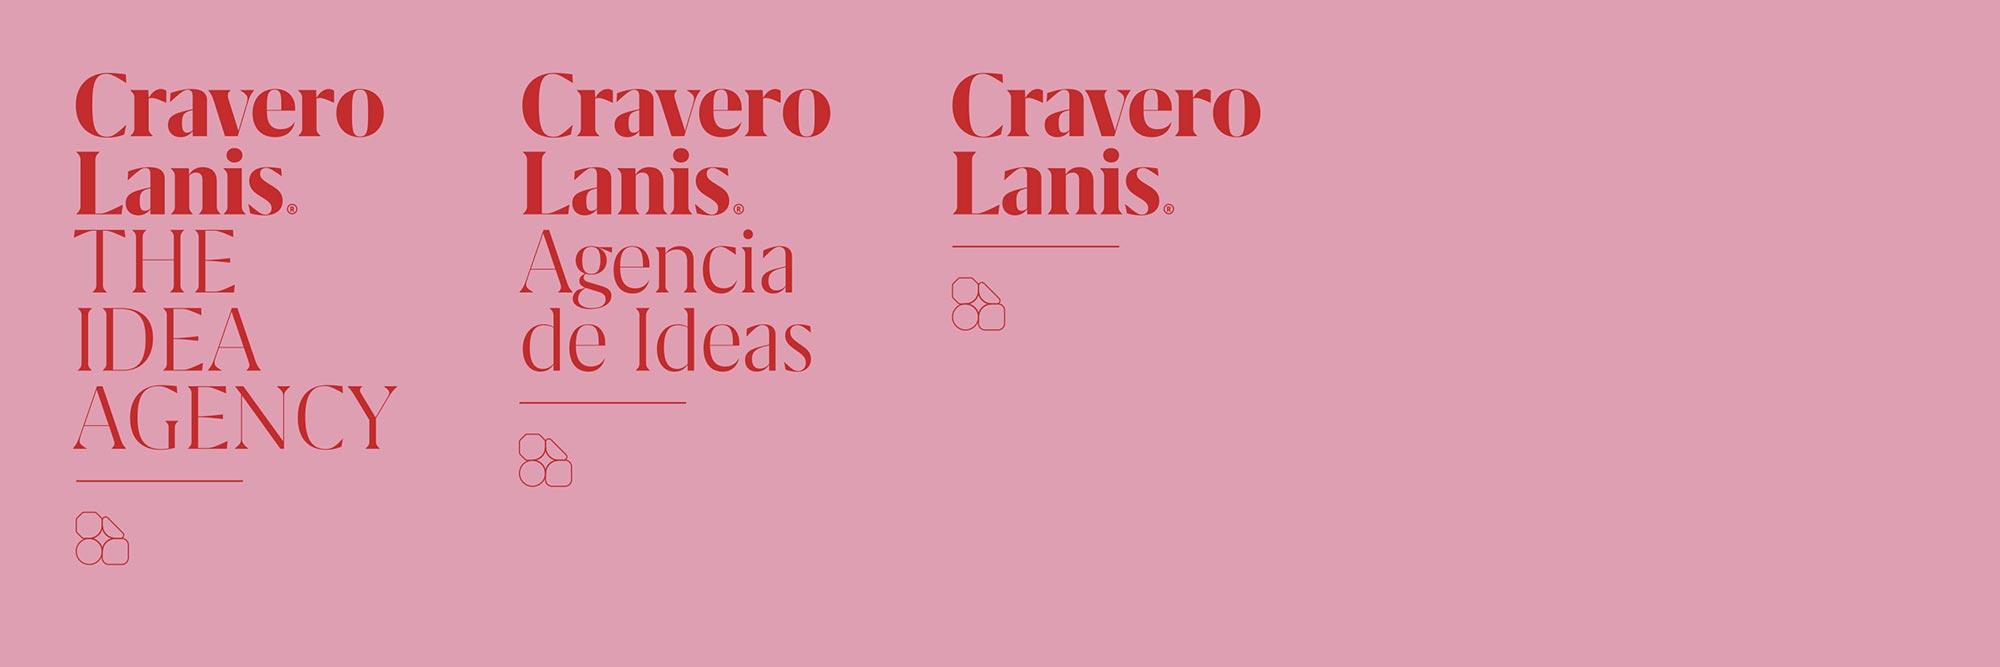 CRAVERO_02